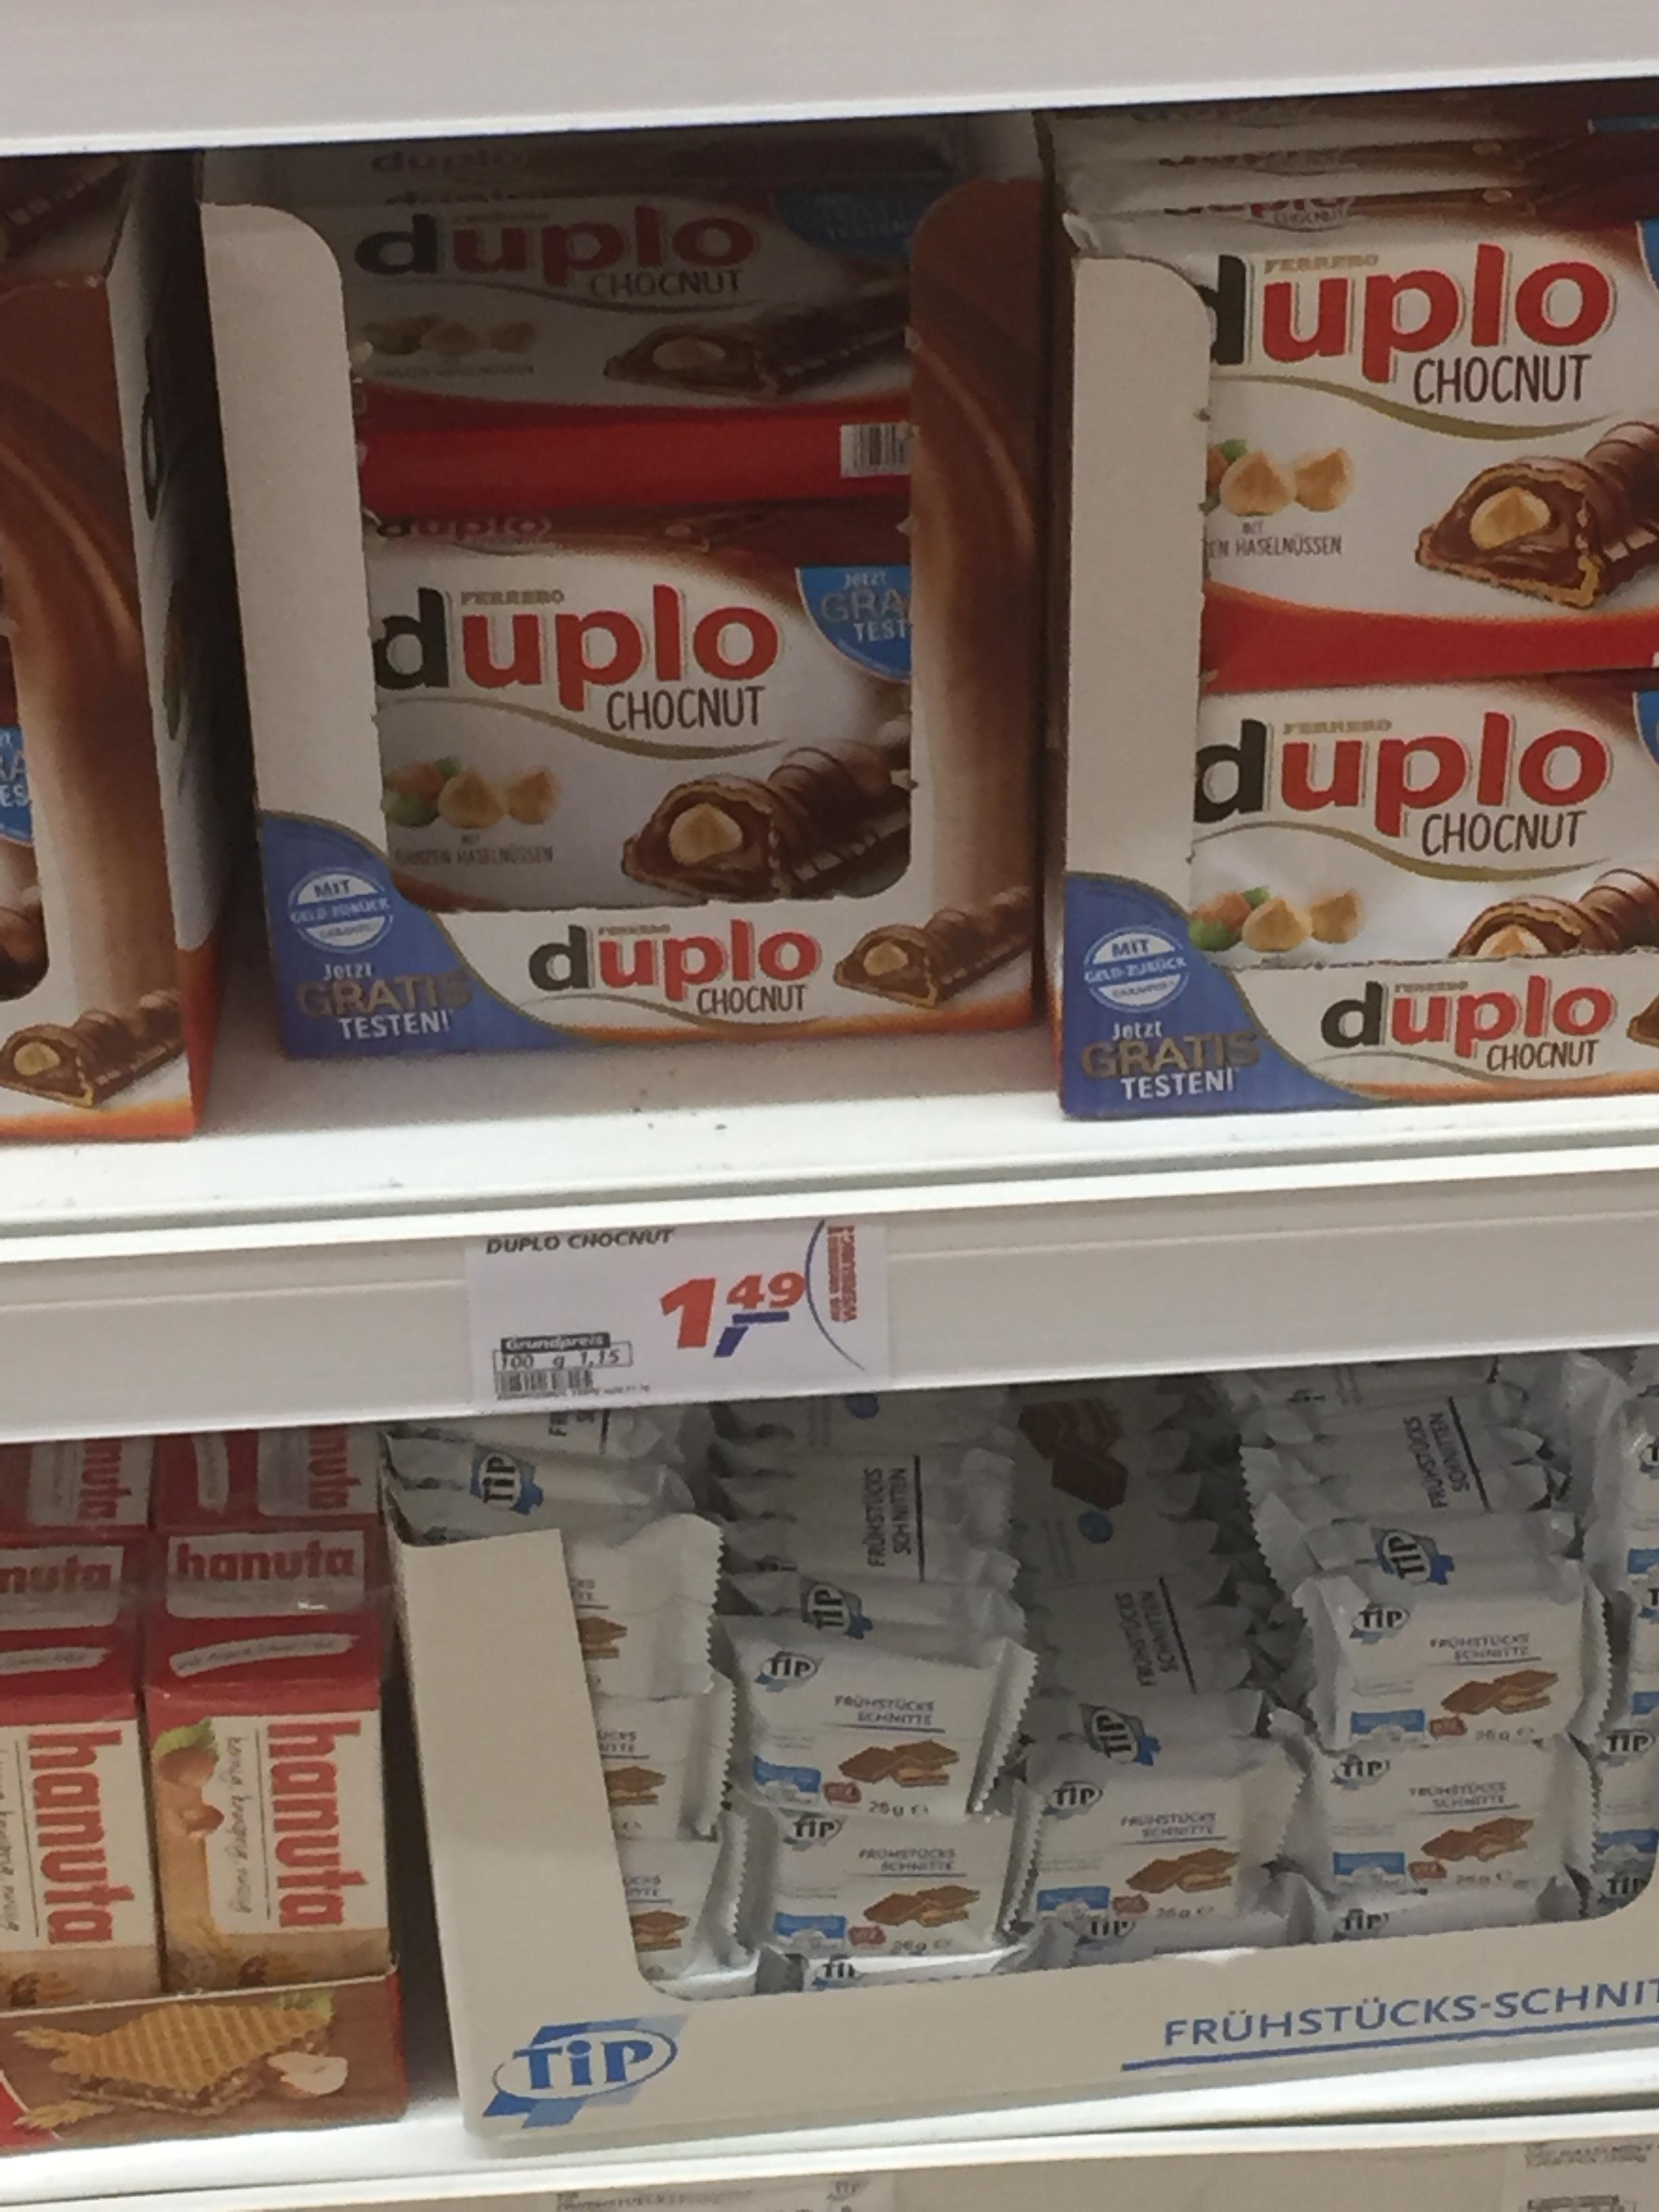 (Lokal) Real in Singen Duplo Choconut Aktionspackungen mit Code weiss und dunkel für 1,49€